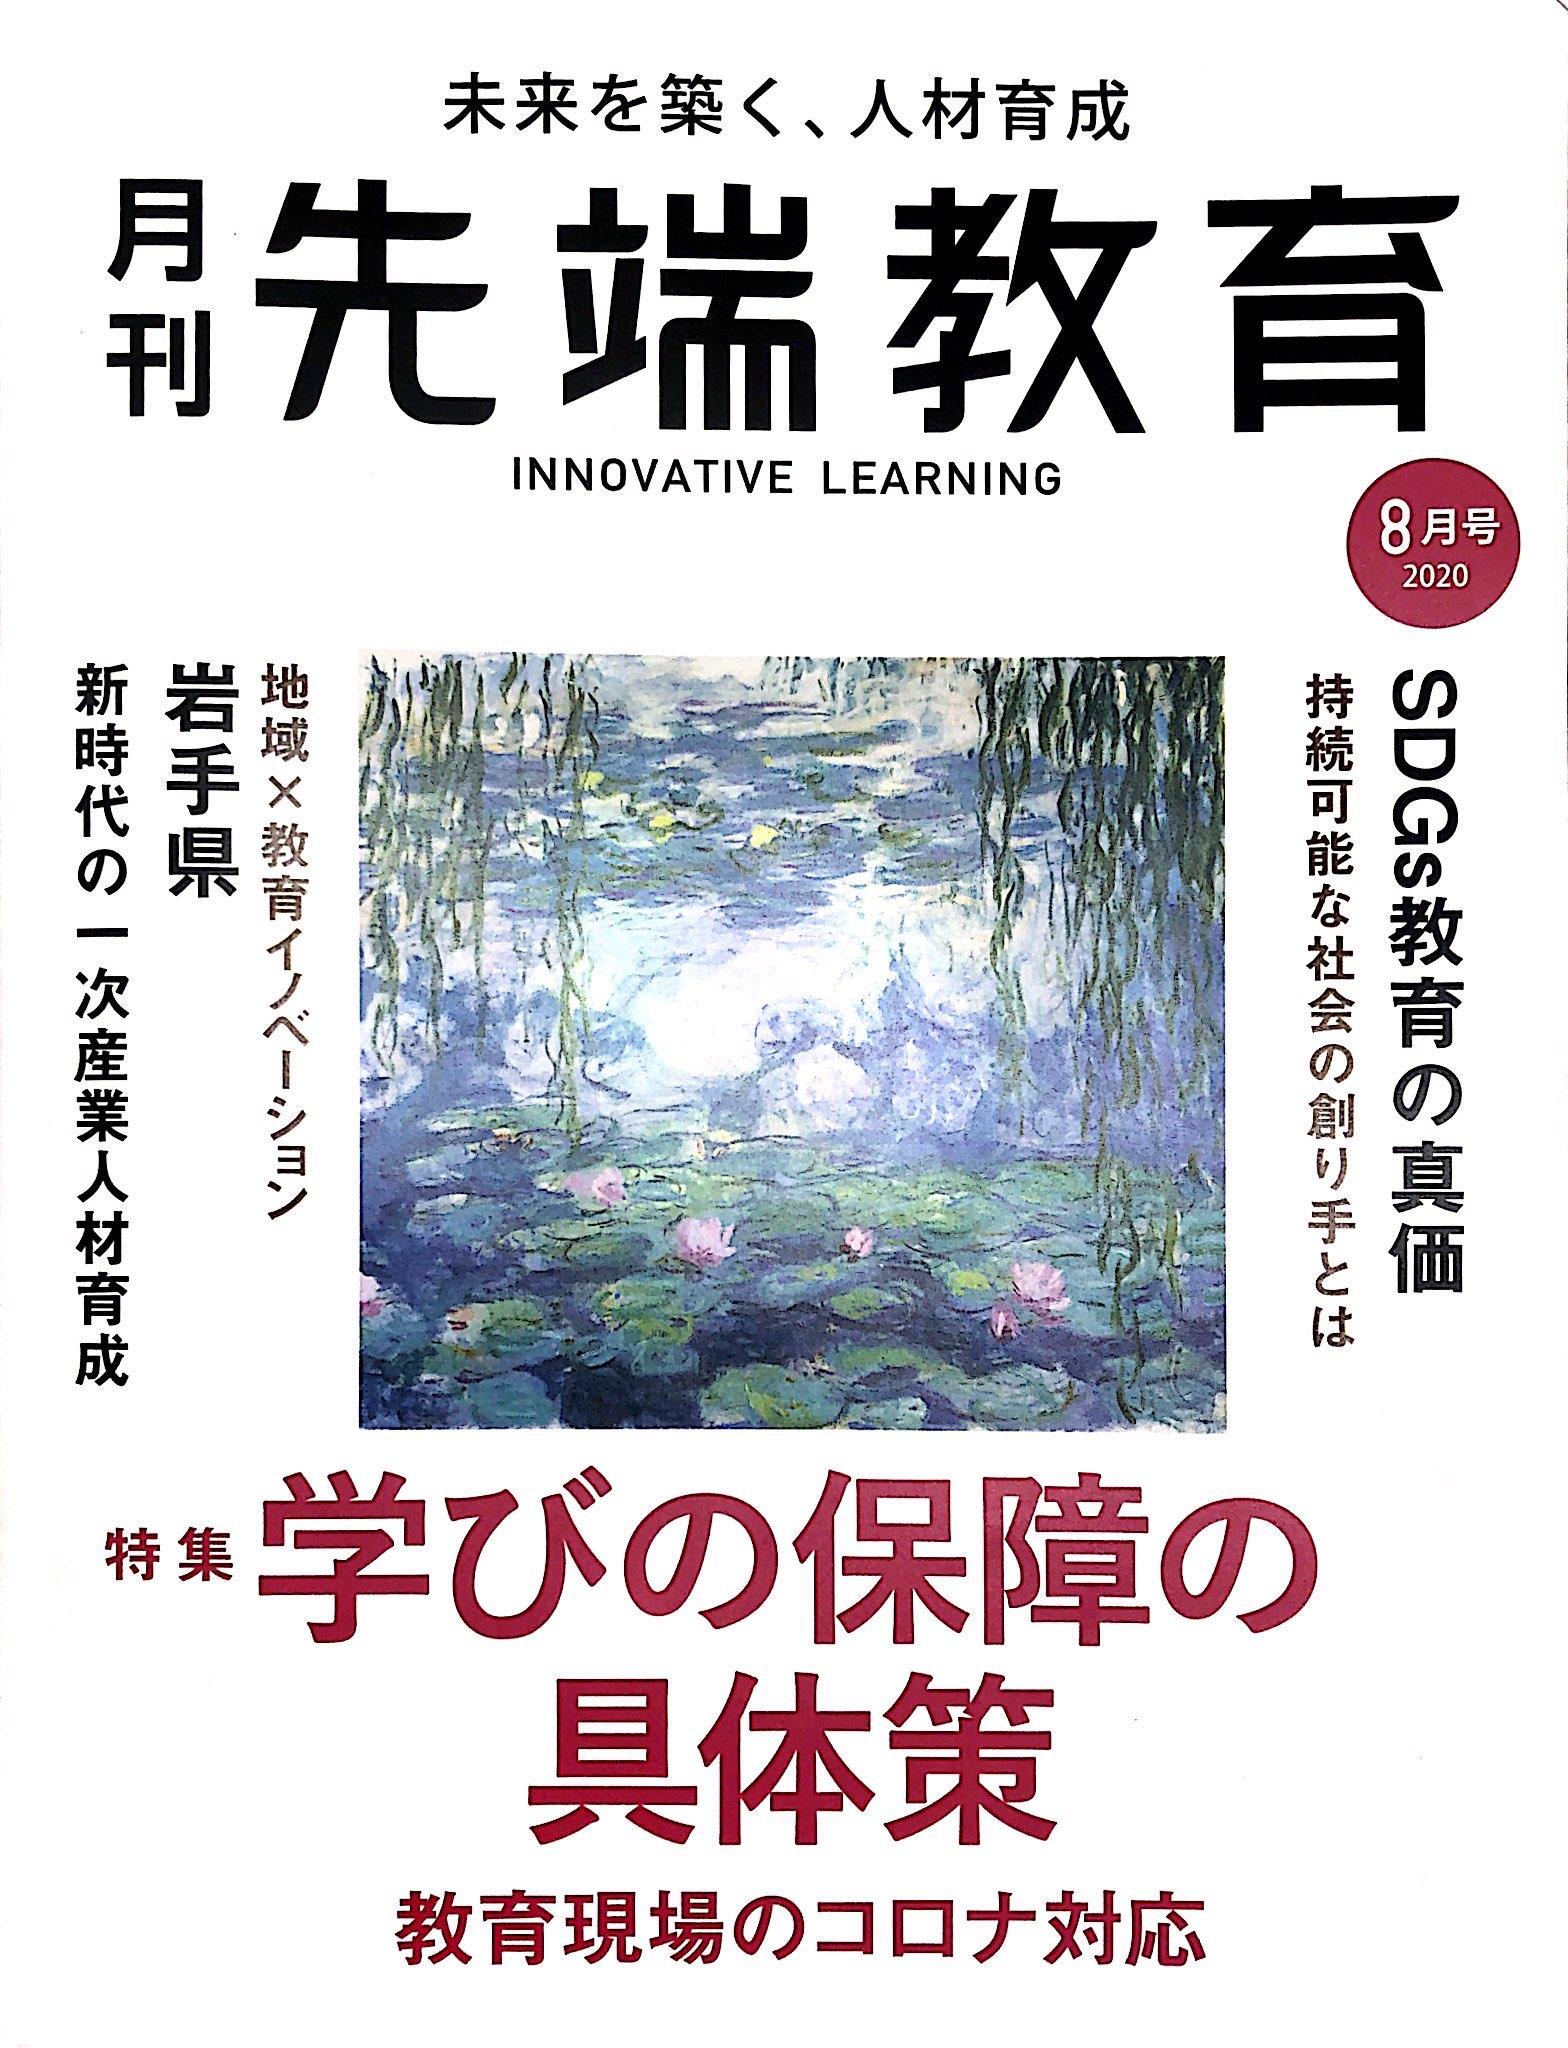 月刊先端教育8月号